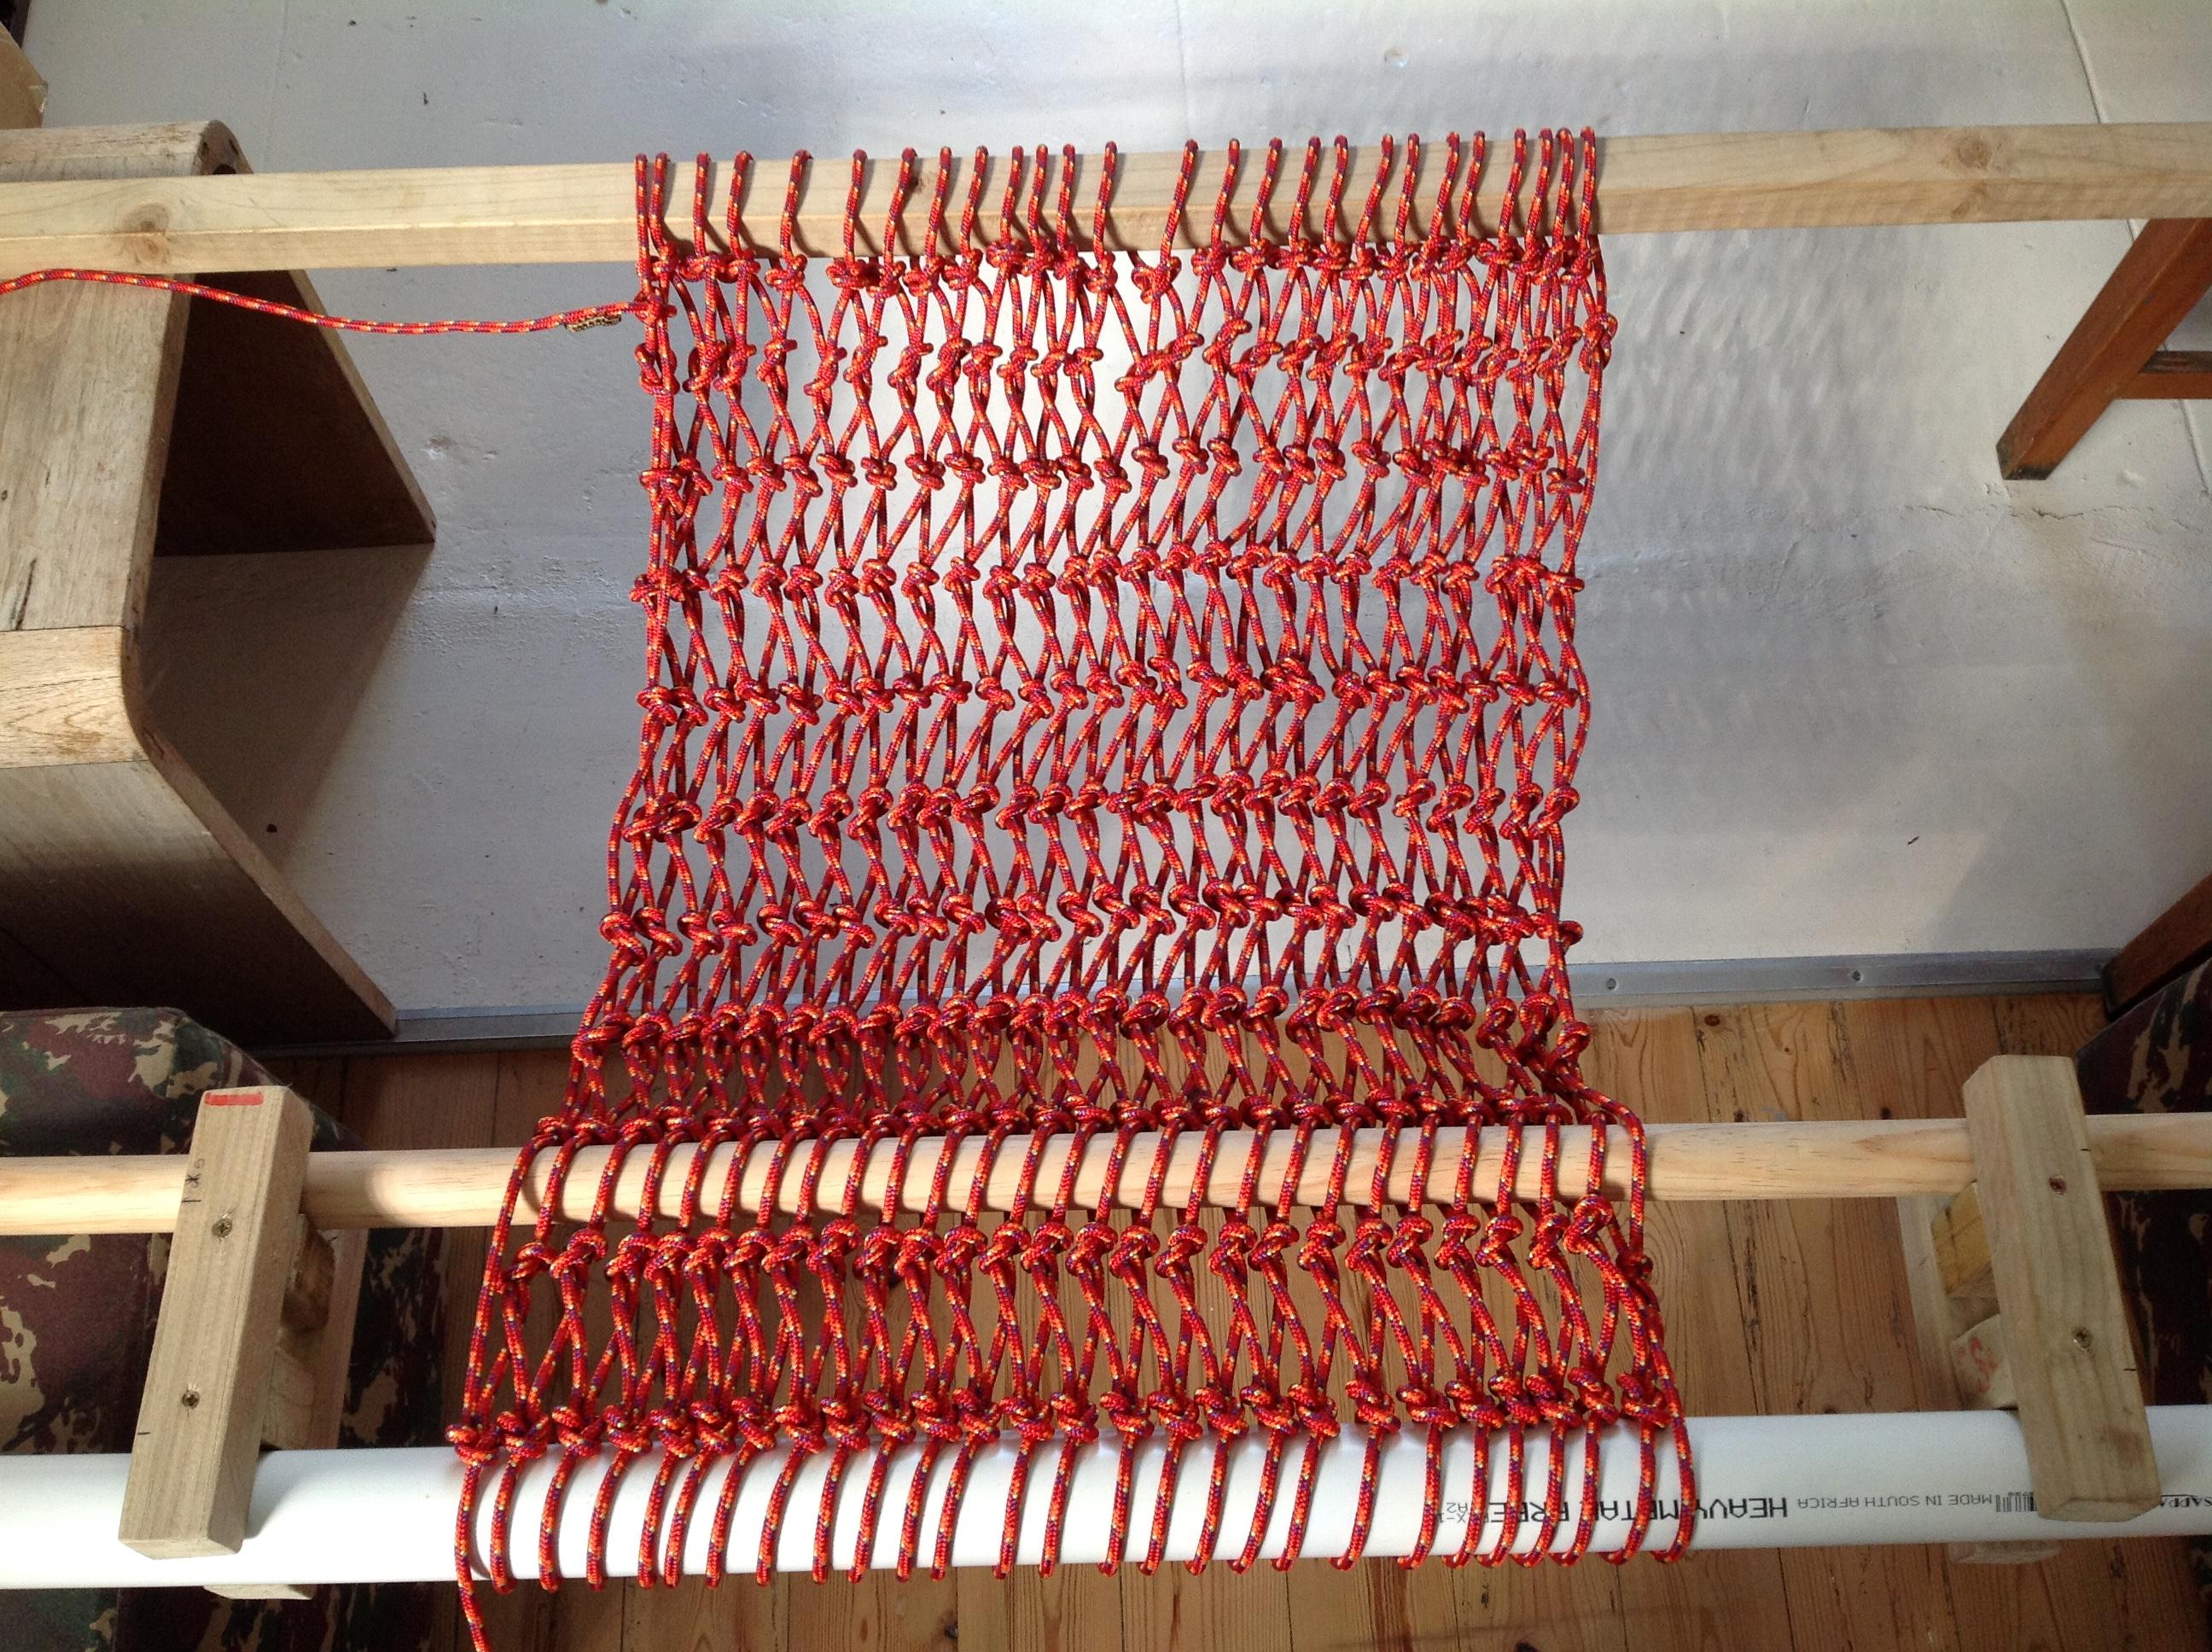 OddWheel's Net Loom